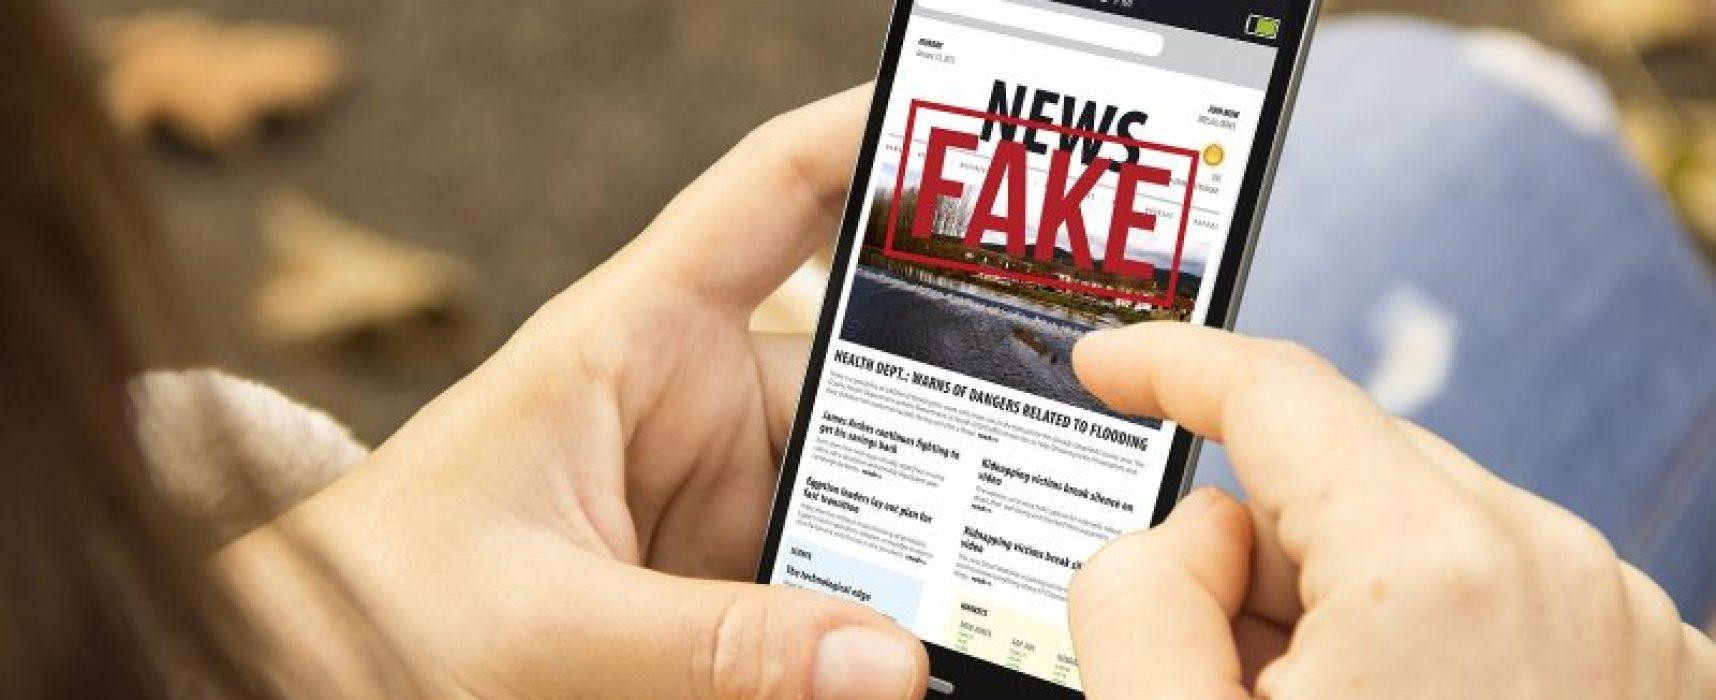 Les chaînes étrangères dans le collimateur de la loi «fake news»